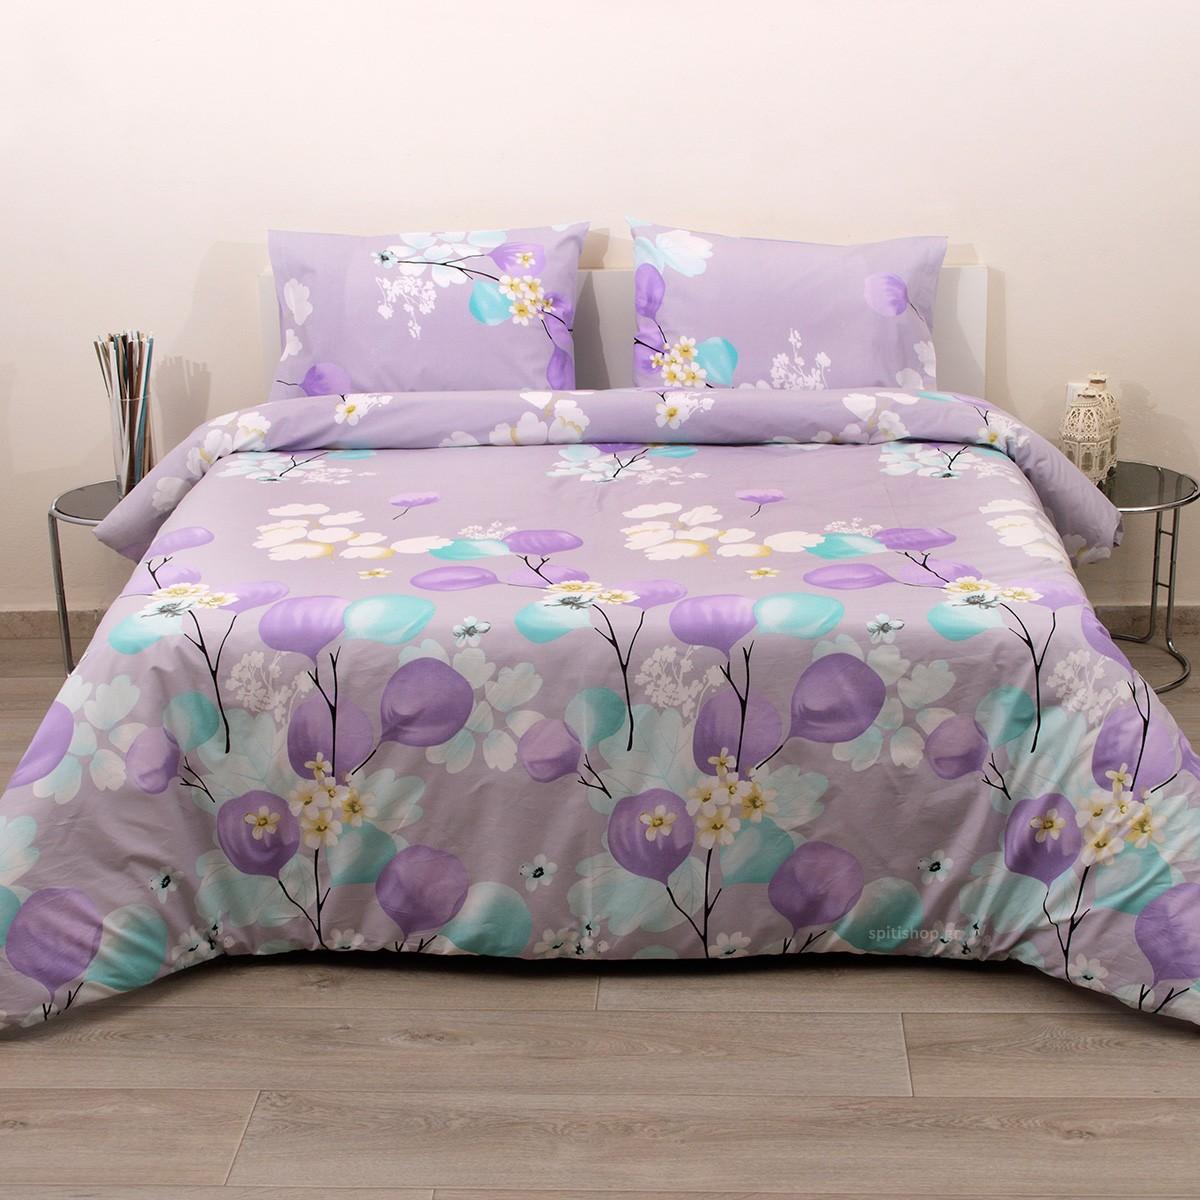 Πάπλωμα Ημίδιπλο (Σετ) Viopros Fresh Νοέμι home   κρεβατοκάμαρα   παπλώματα   παπλώματα ημίδιπλα   διπλά